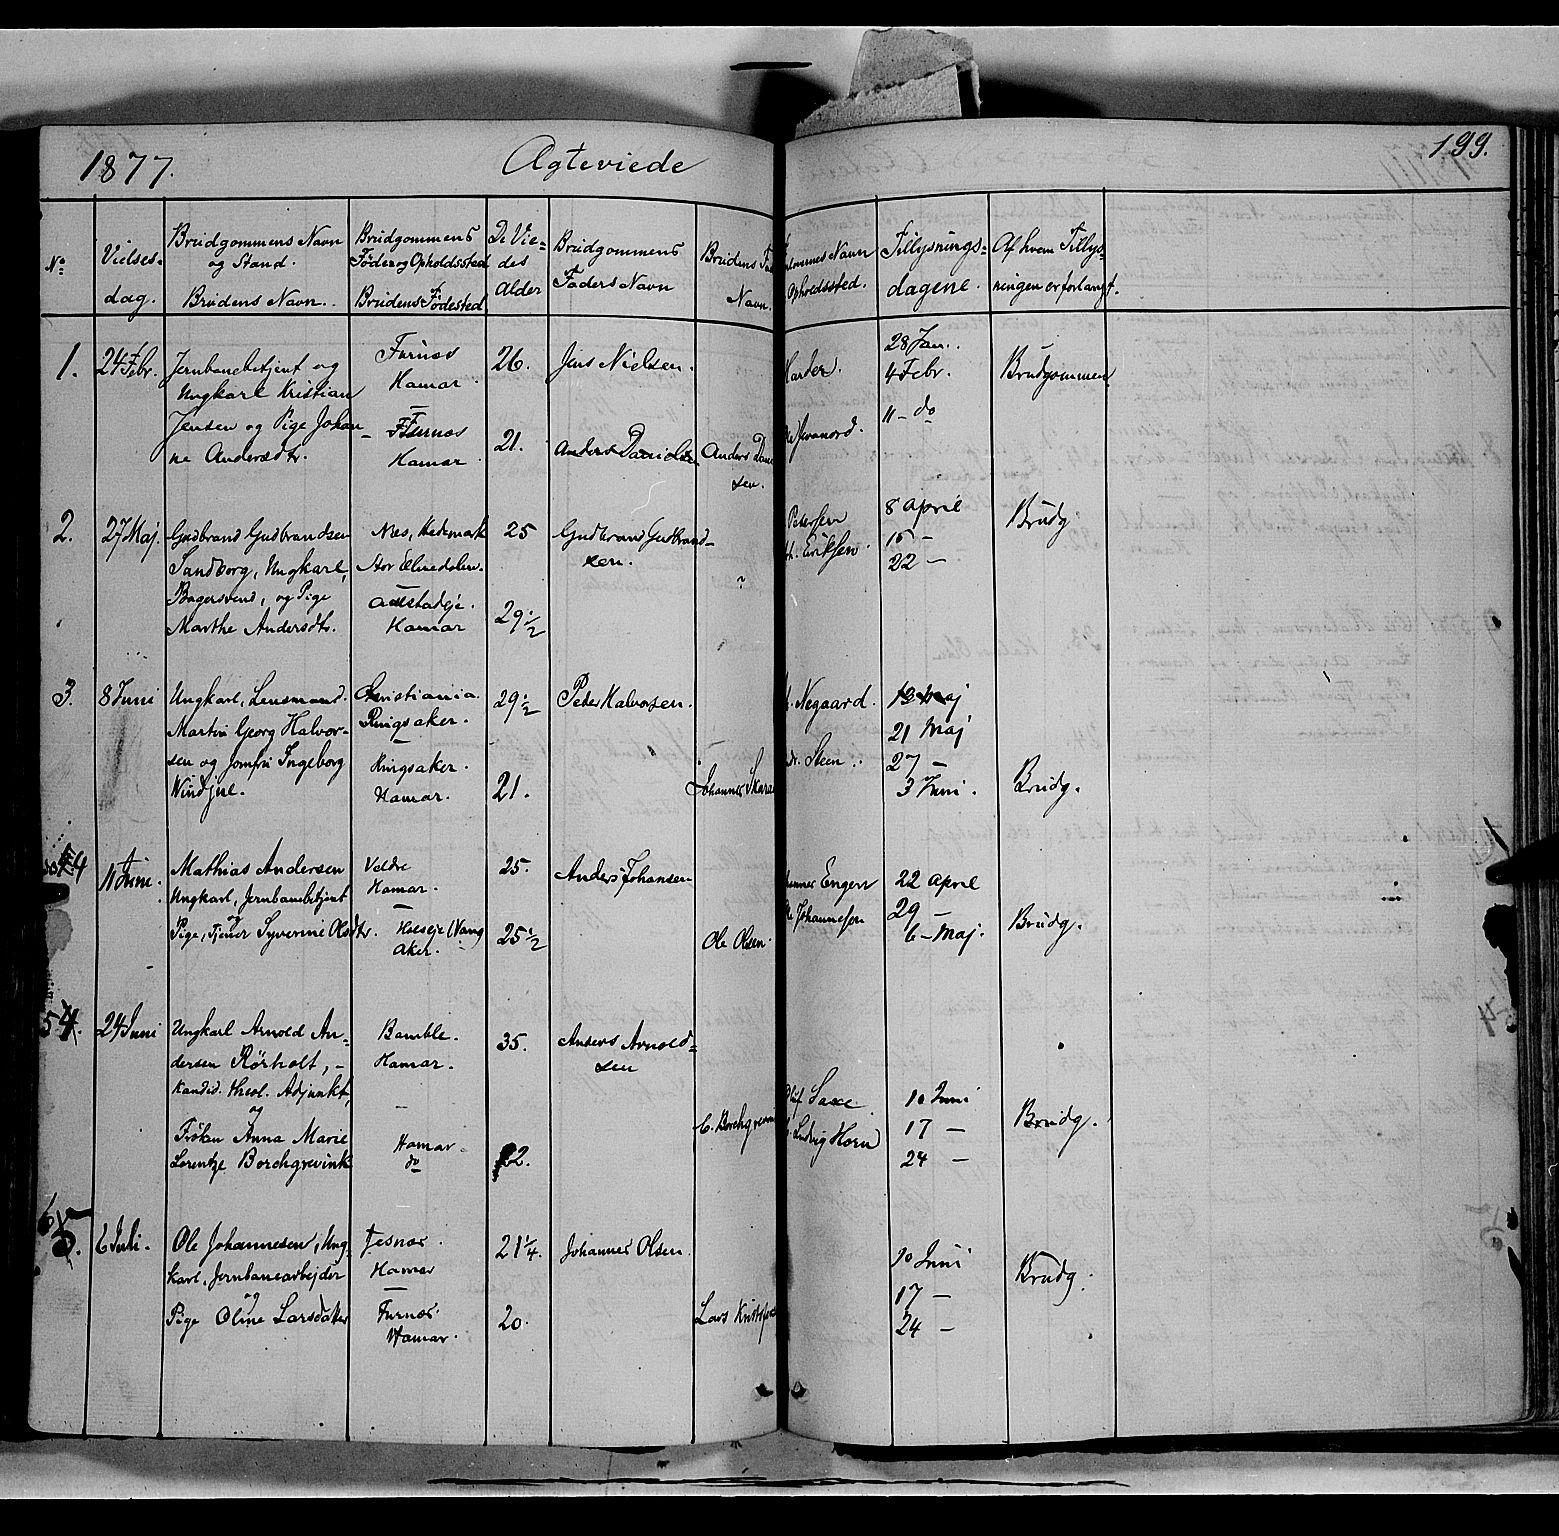 SAH, Vang prestekontor, Hedmark, H/Ha/Haa/L0011: Ministerialbok nr. 11, 1852-1877, s. 199